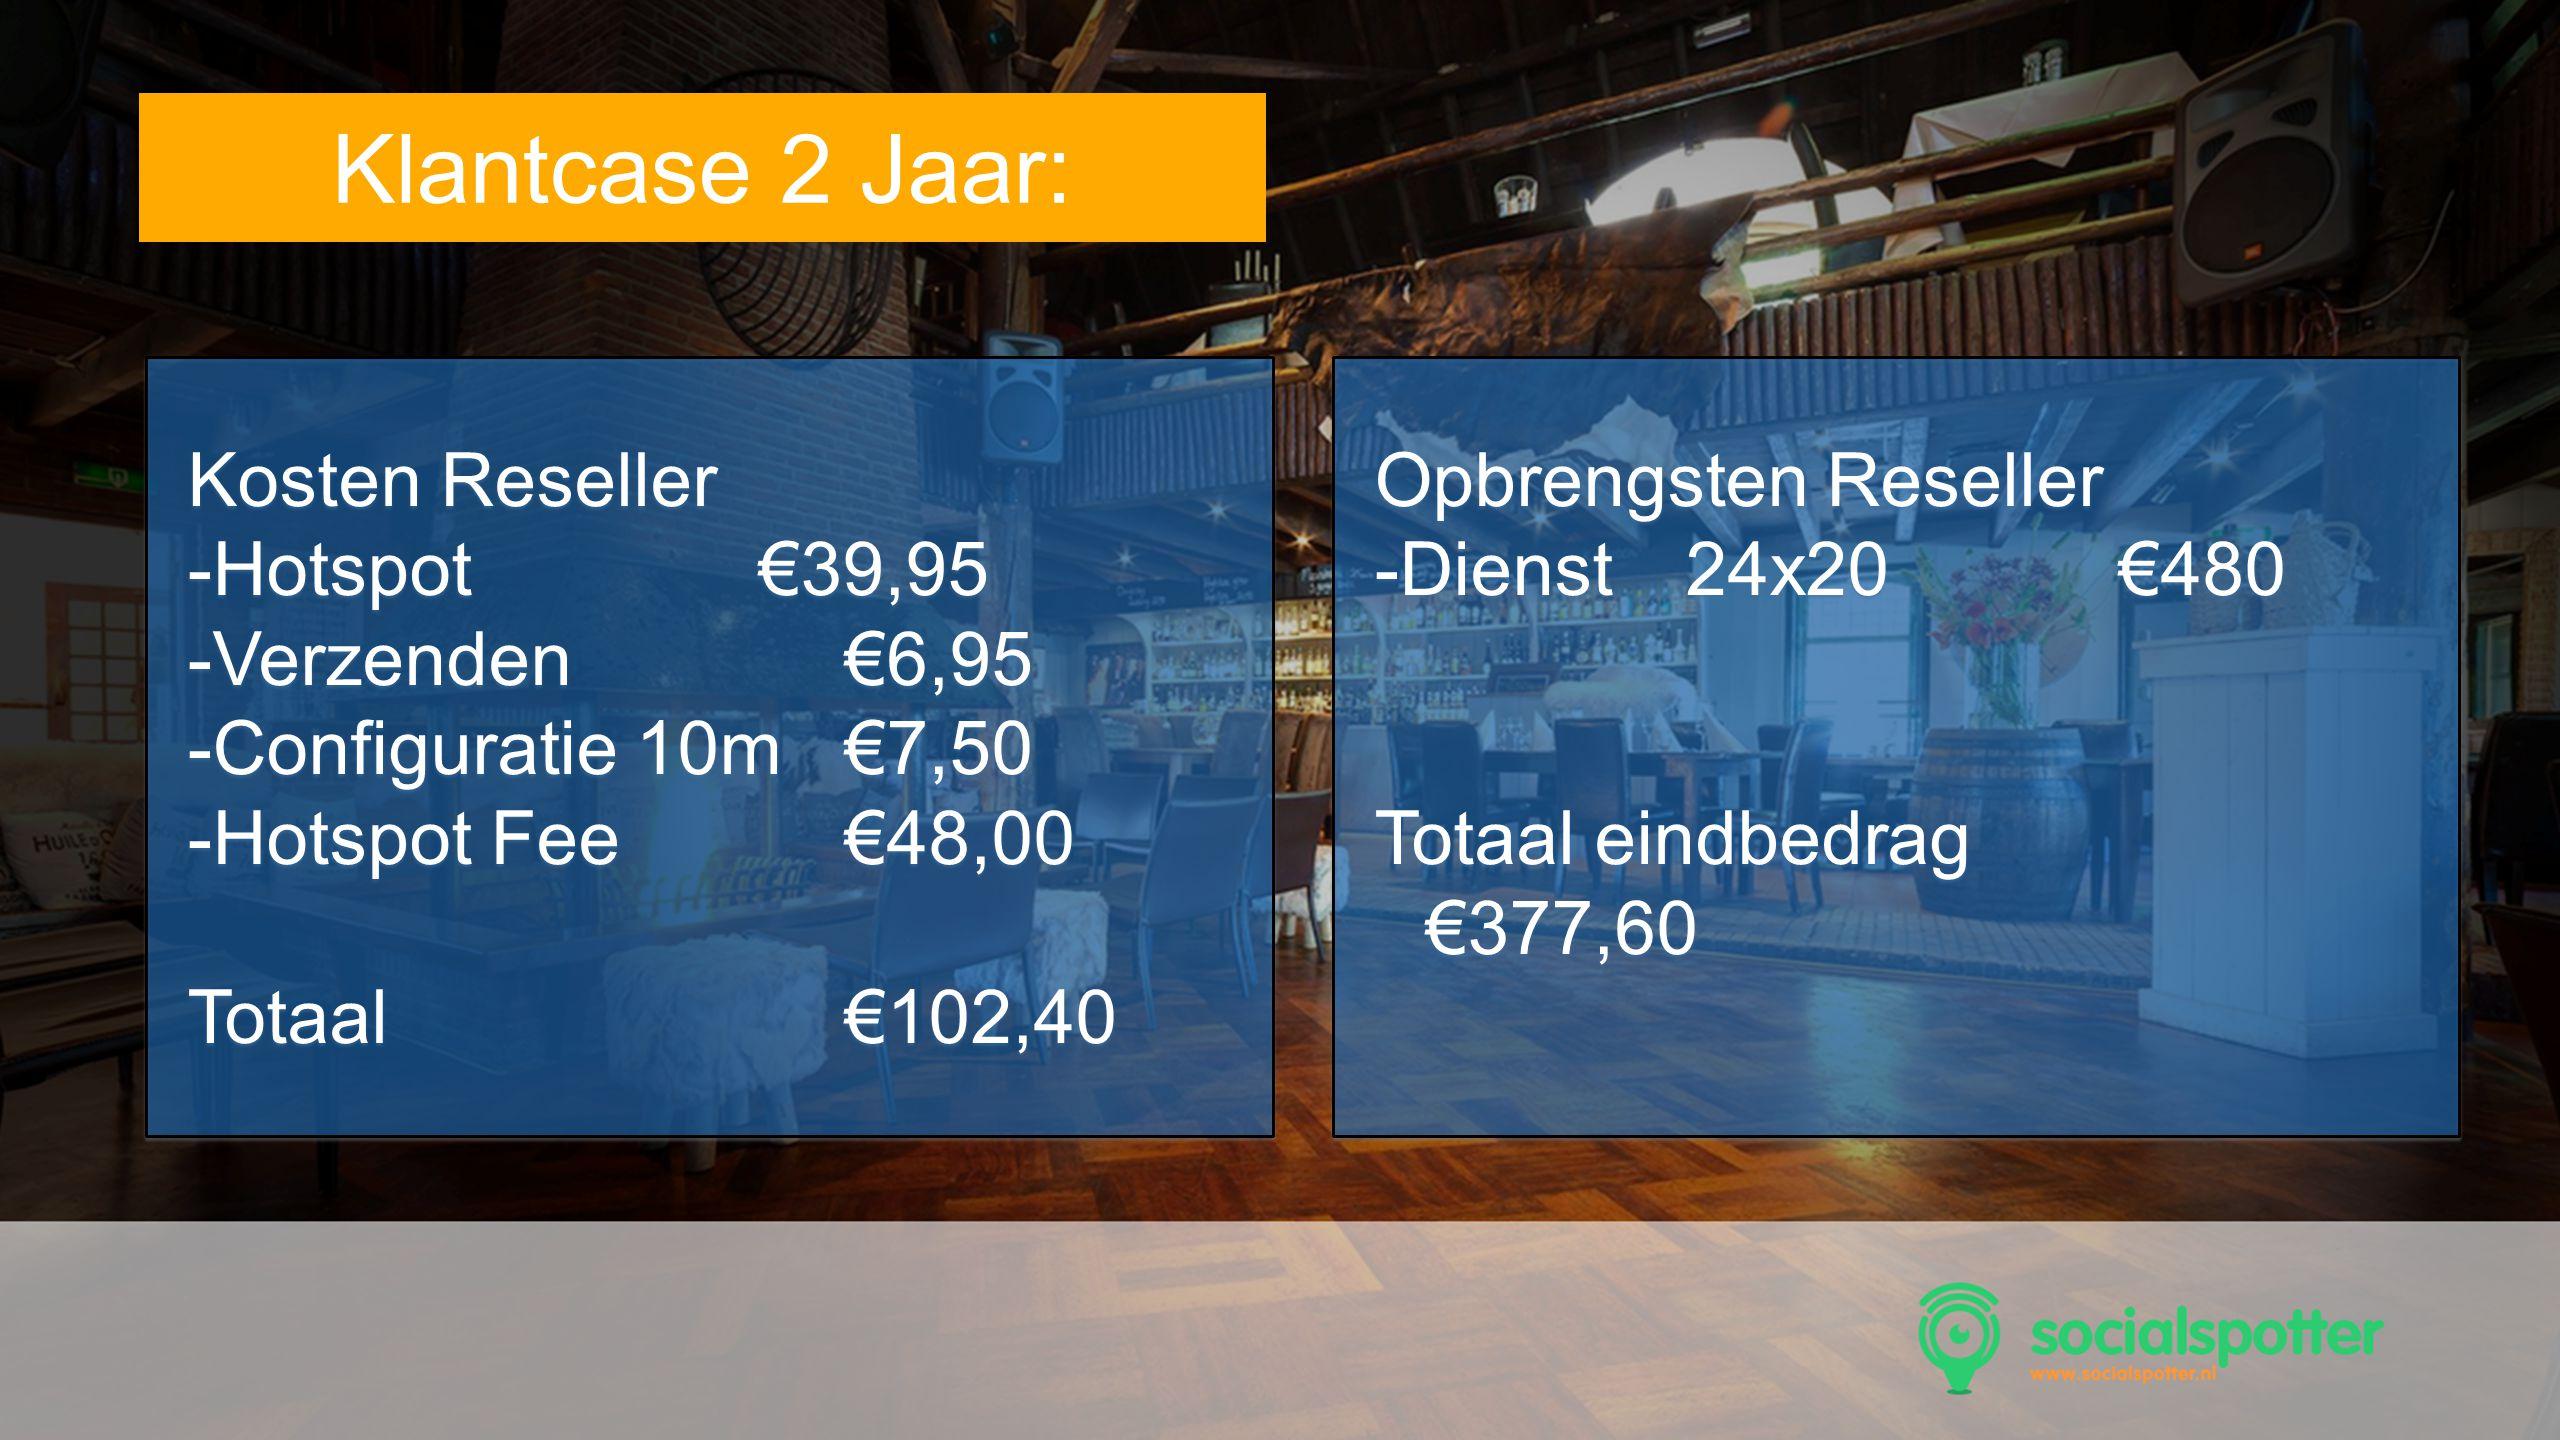 SocMed PRO - Presentation Name Goes Here Tekst Klantcase 2 Jaar: Kosten Reseller -Hotspot €39,95 -Verzenden€6,95 -Configuratie 10m€7,50 -Hotspot Fee€4